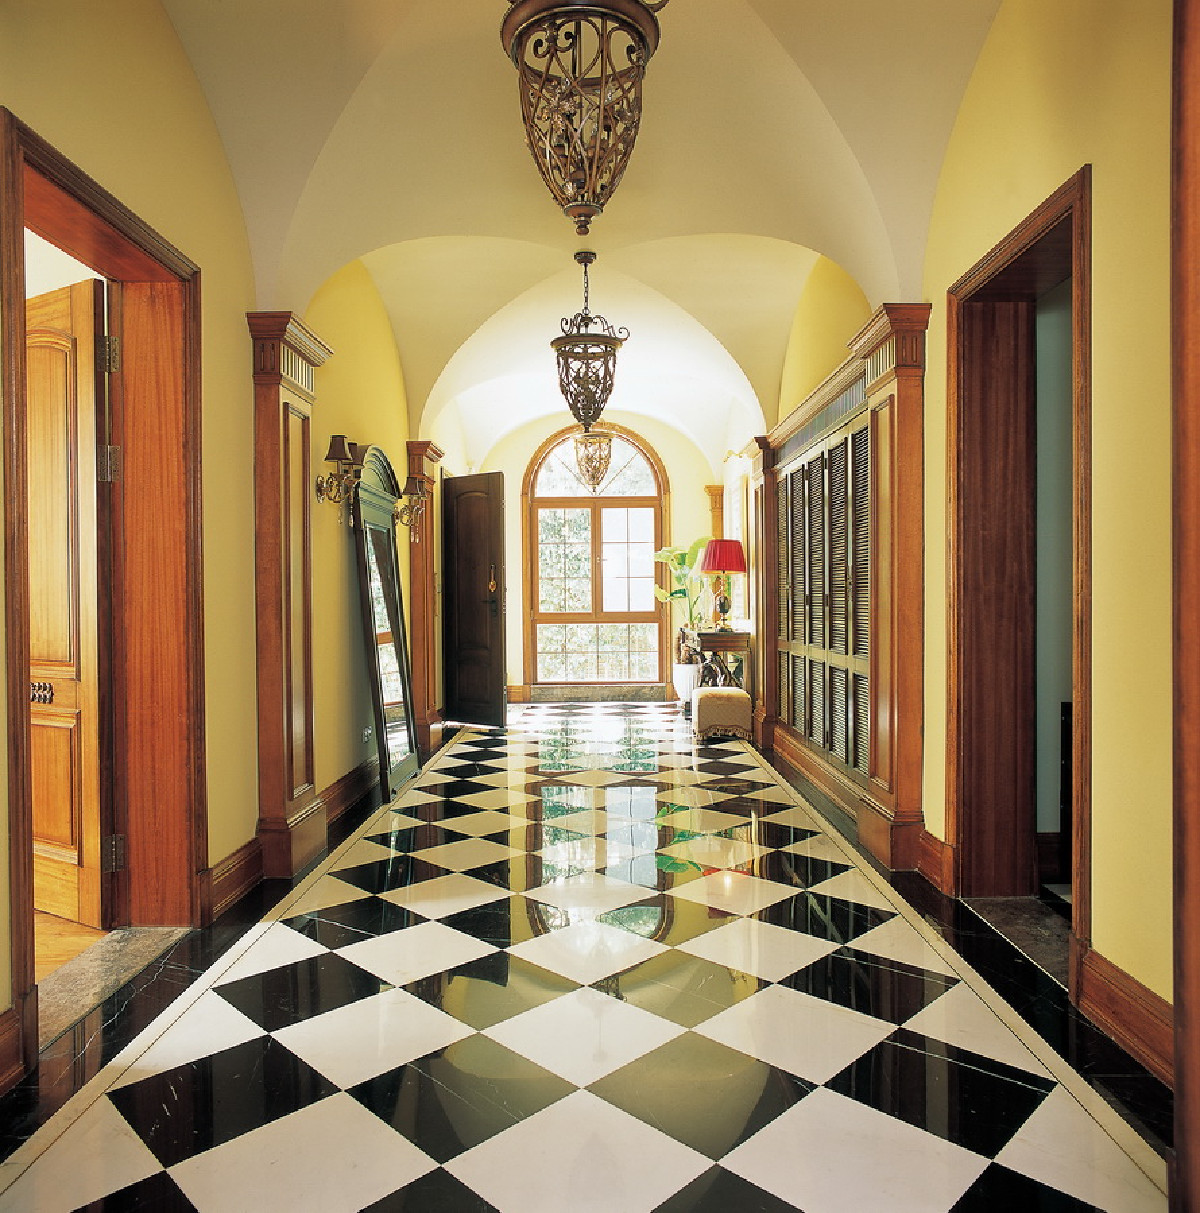 圣安德鲁斯别墅项目装修美式风格完工实景展示,上海腾龙别墅设计师孙俊作品,欢迎品鉴